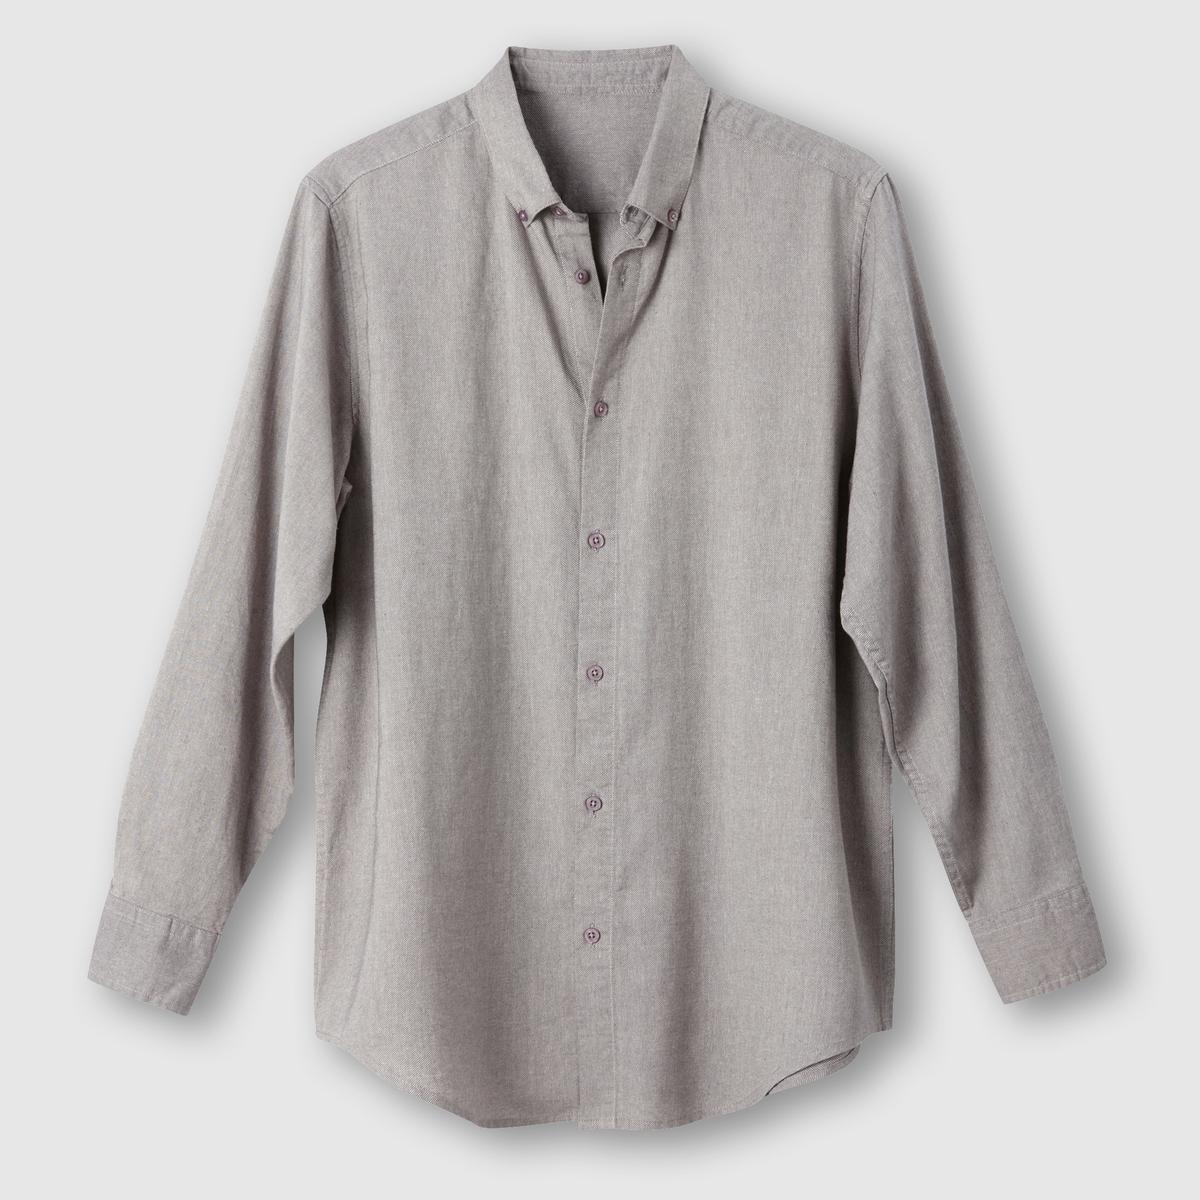 Рубашка фланелеваяРубашка фланелевая. Длинные рукава. Воротник с застежкой на пуговицы. 2 складки сзади для большего комфорта. Фланель, 100% хлопка. Длина 85 см .<br><br>Цвет: серый